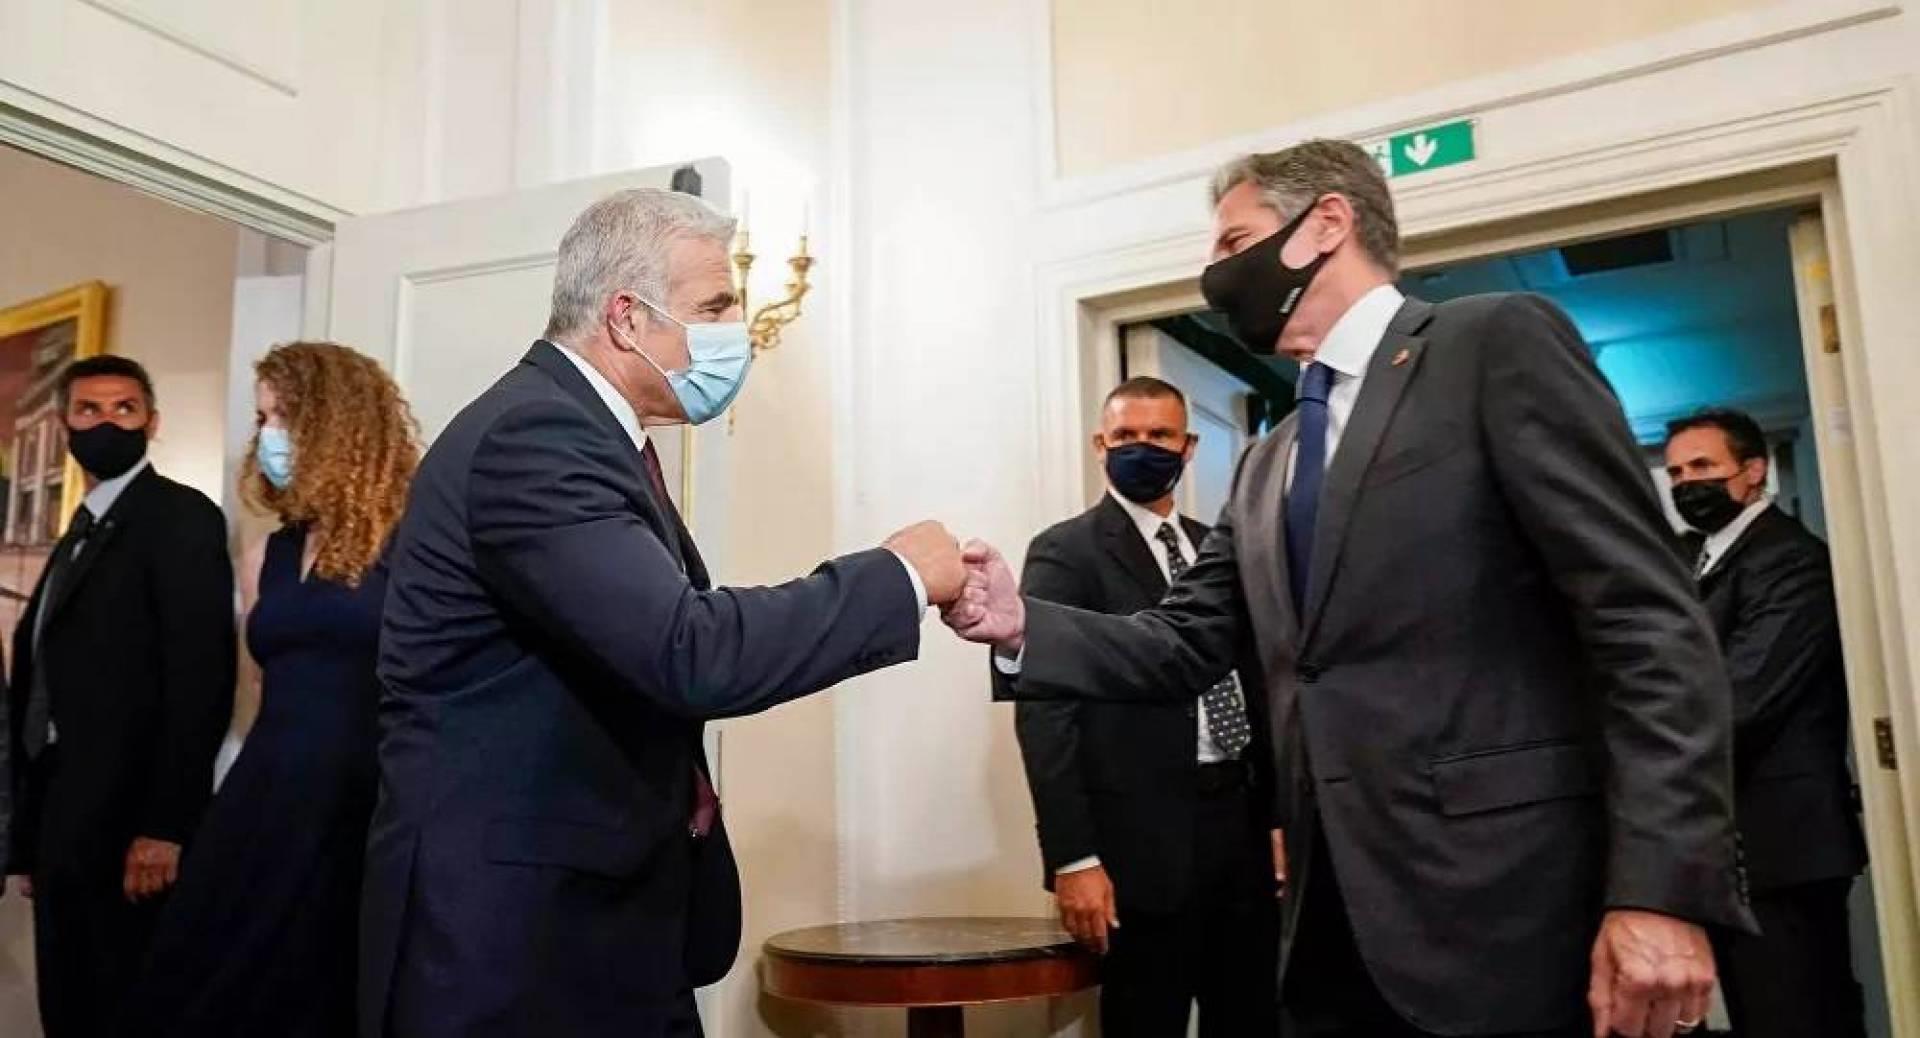 يائير لابيد يلتقي بلينكن في روما وينقل له تحفظه الشديد على المفاوضات الجارية مع إيران